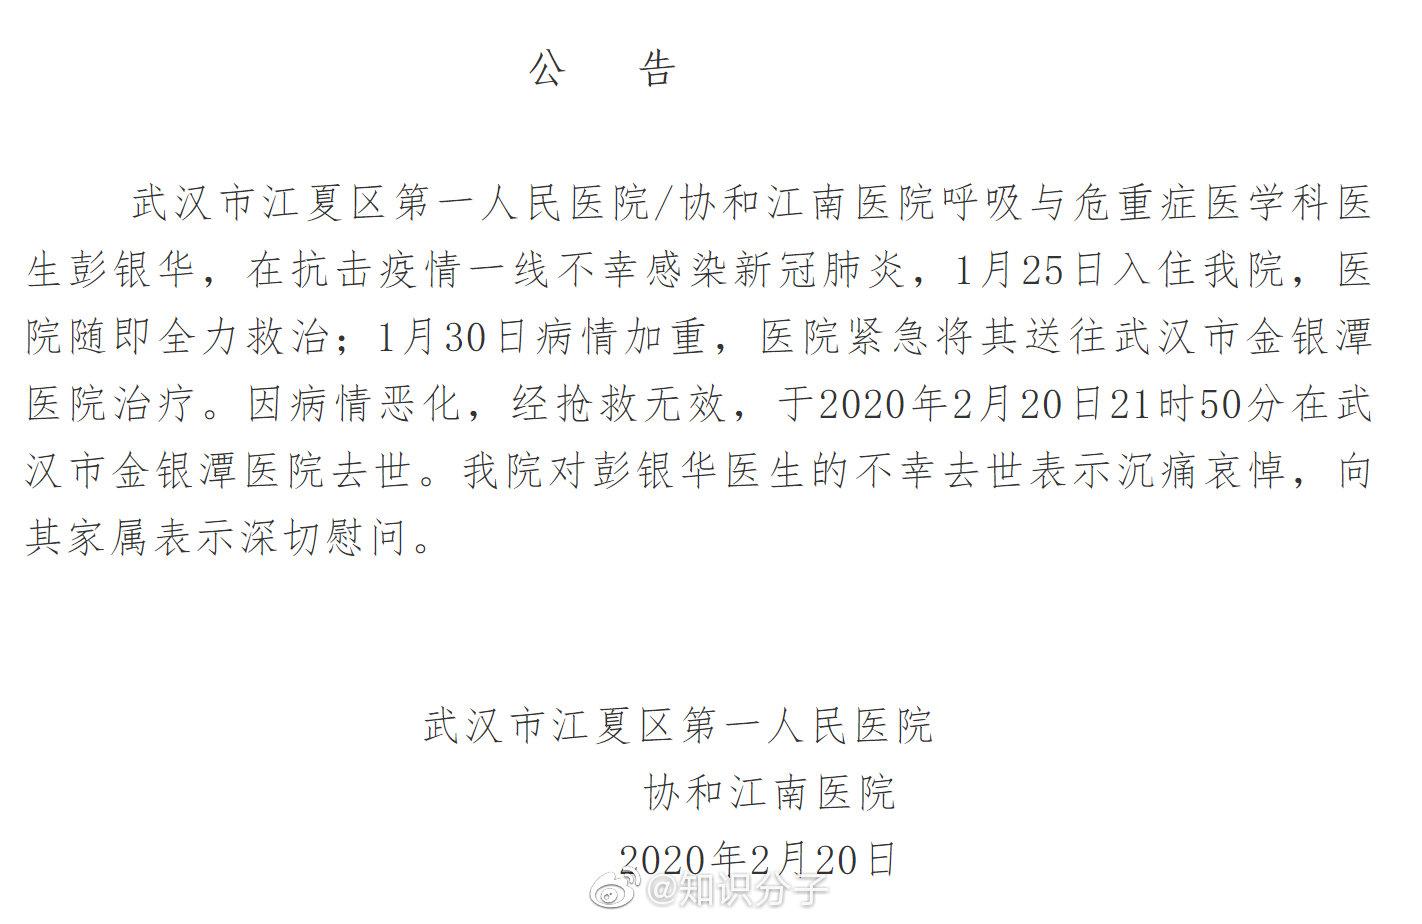 武汉医生彭银华因感染新冠肺炎不幸去世 年仅29岁